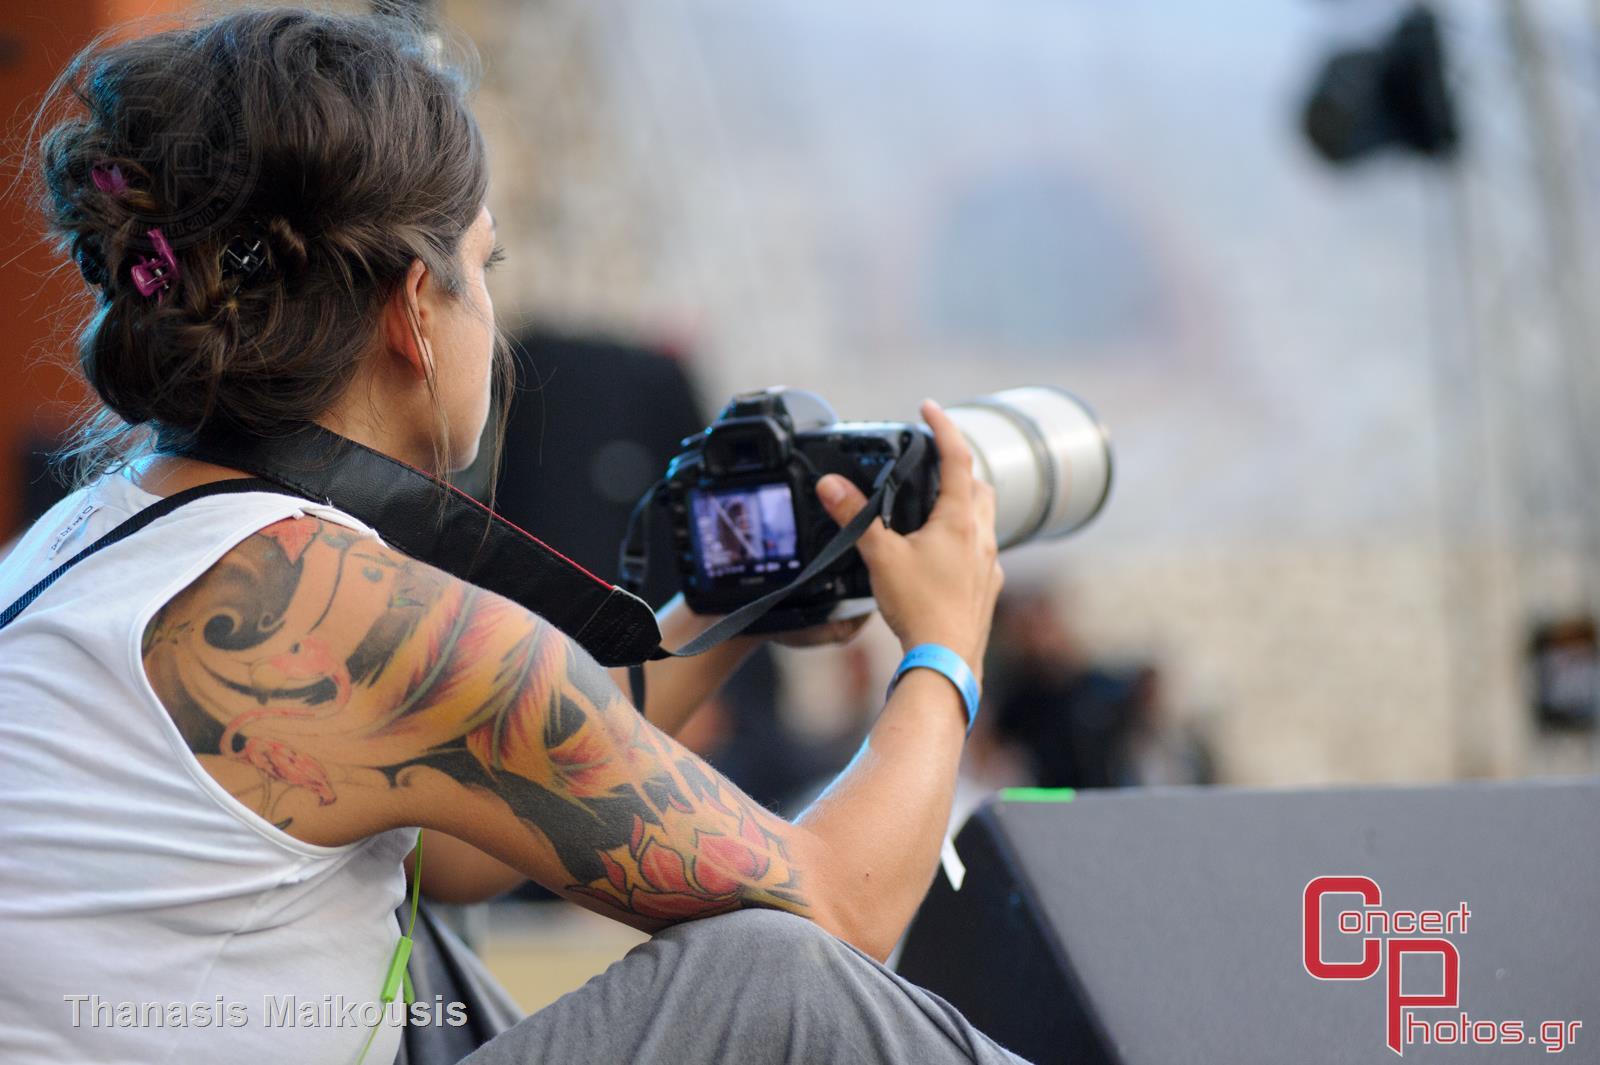 En Lefko 2014-En Lefko 2014 photographer: Thanasis Maikousis - concertphotos_20140620_19_39_13